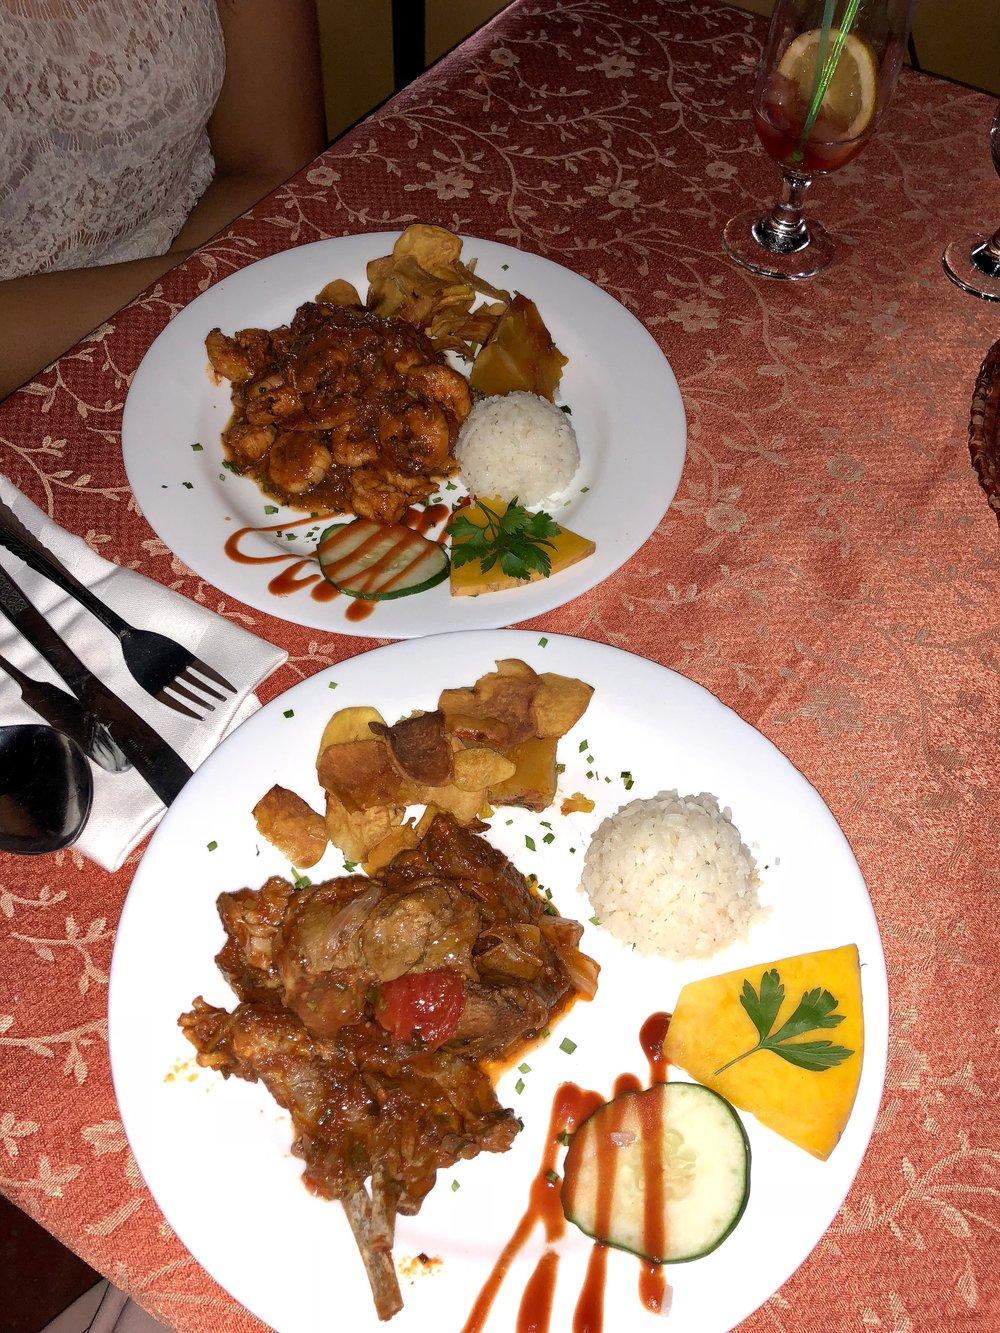 Dinner at Restaurante El Dorado